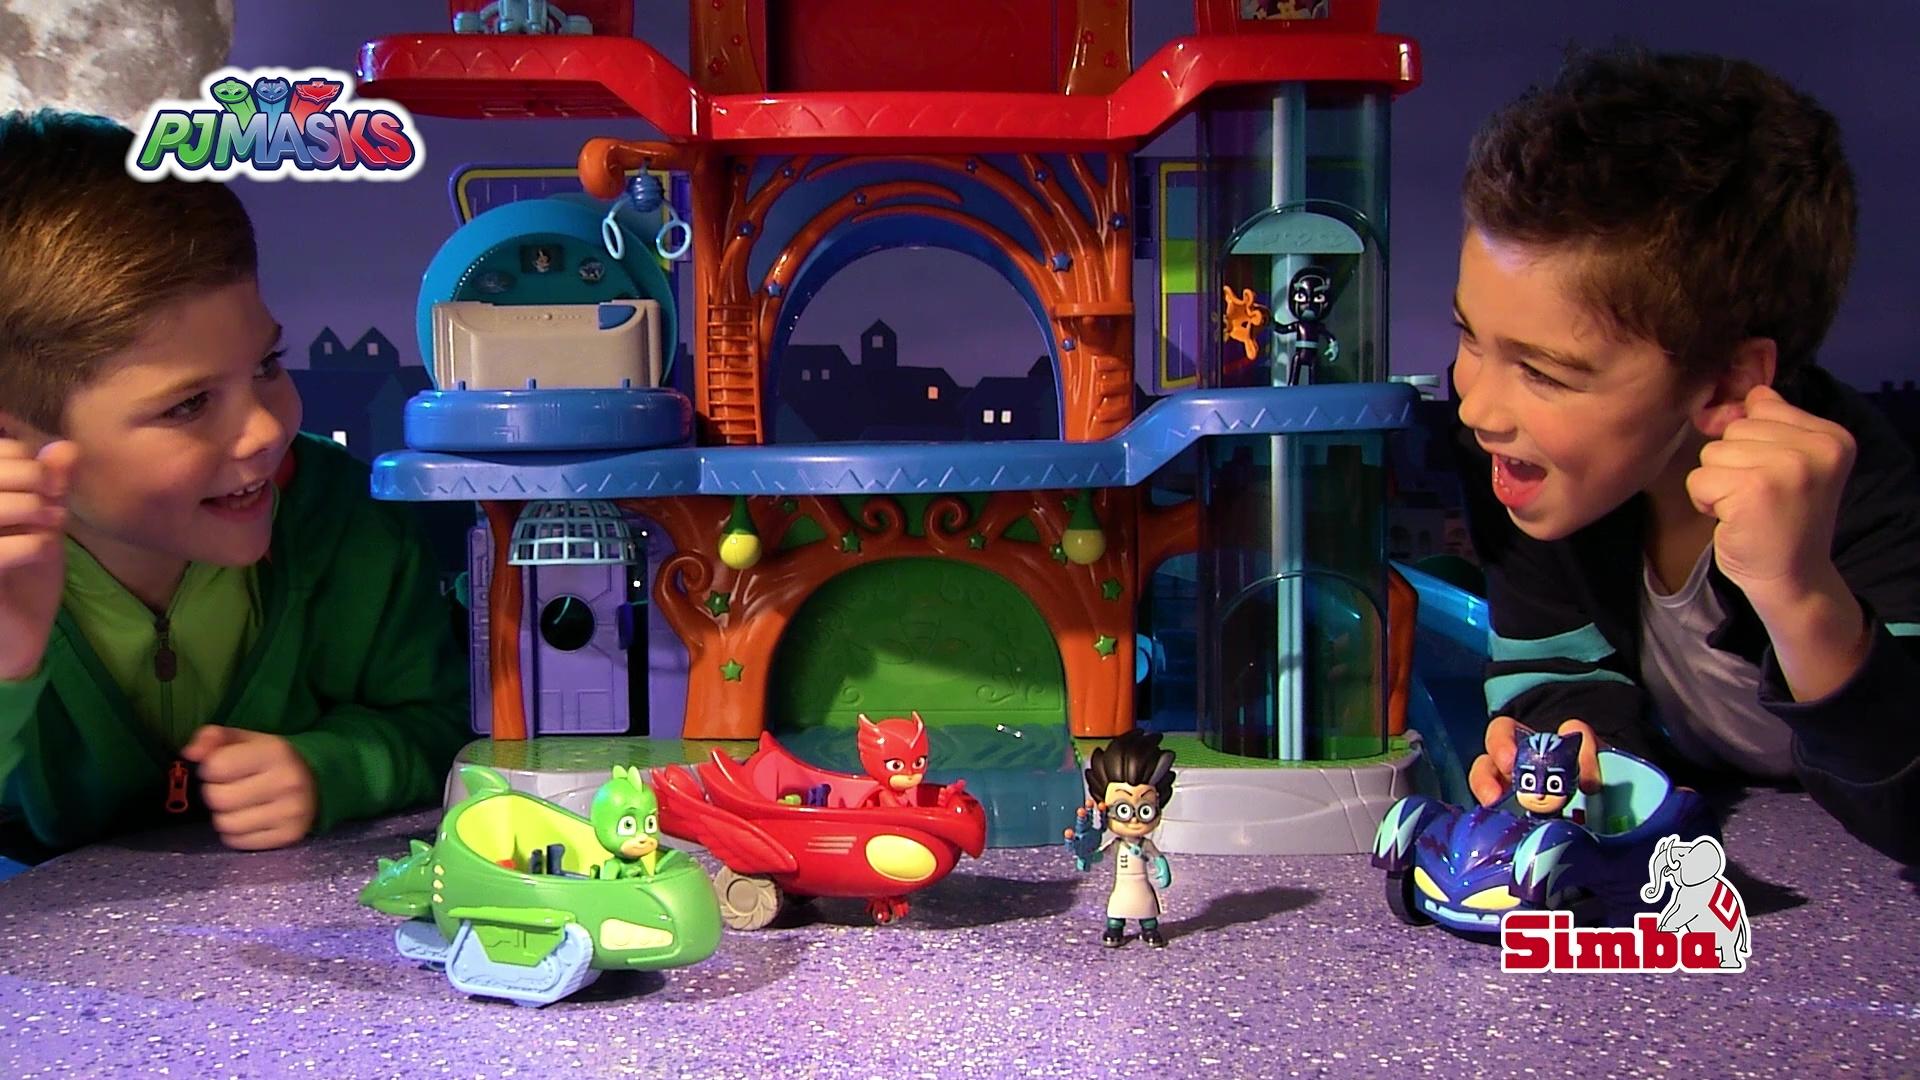 Pj Masks Hauptquartier Spielset Simba Toys Video Simba Dickie Com